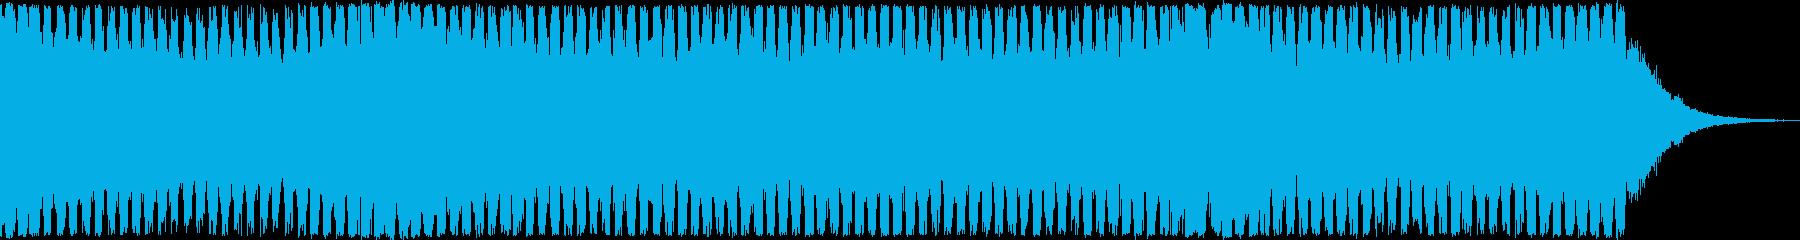 4打ちのトランス系EDMの再生済みの波形